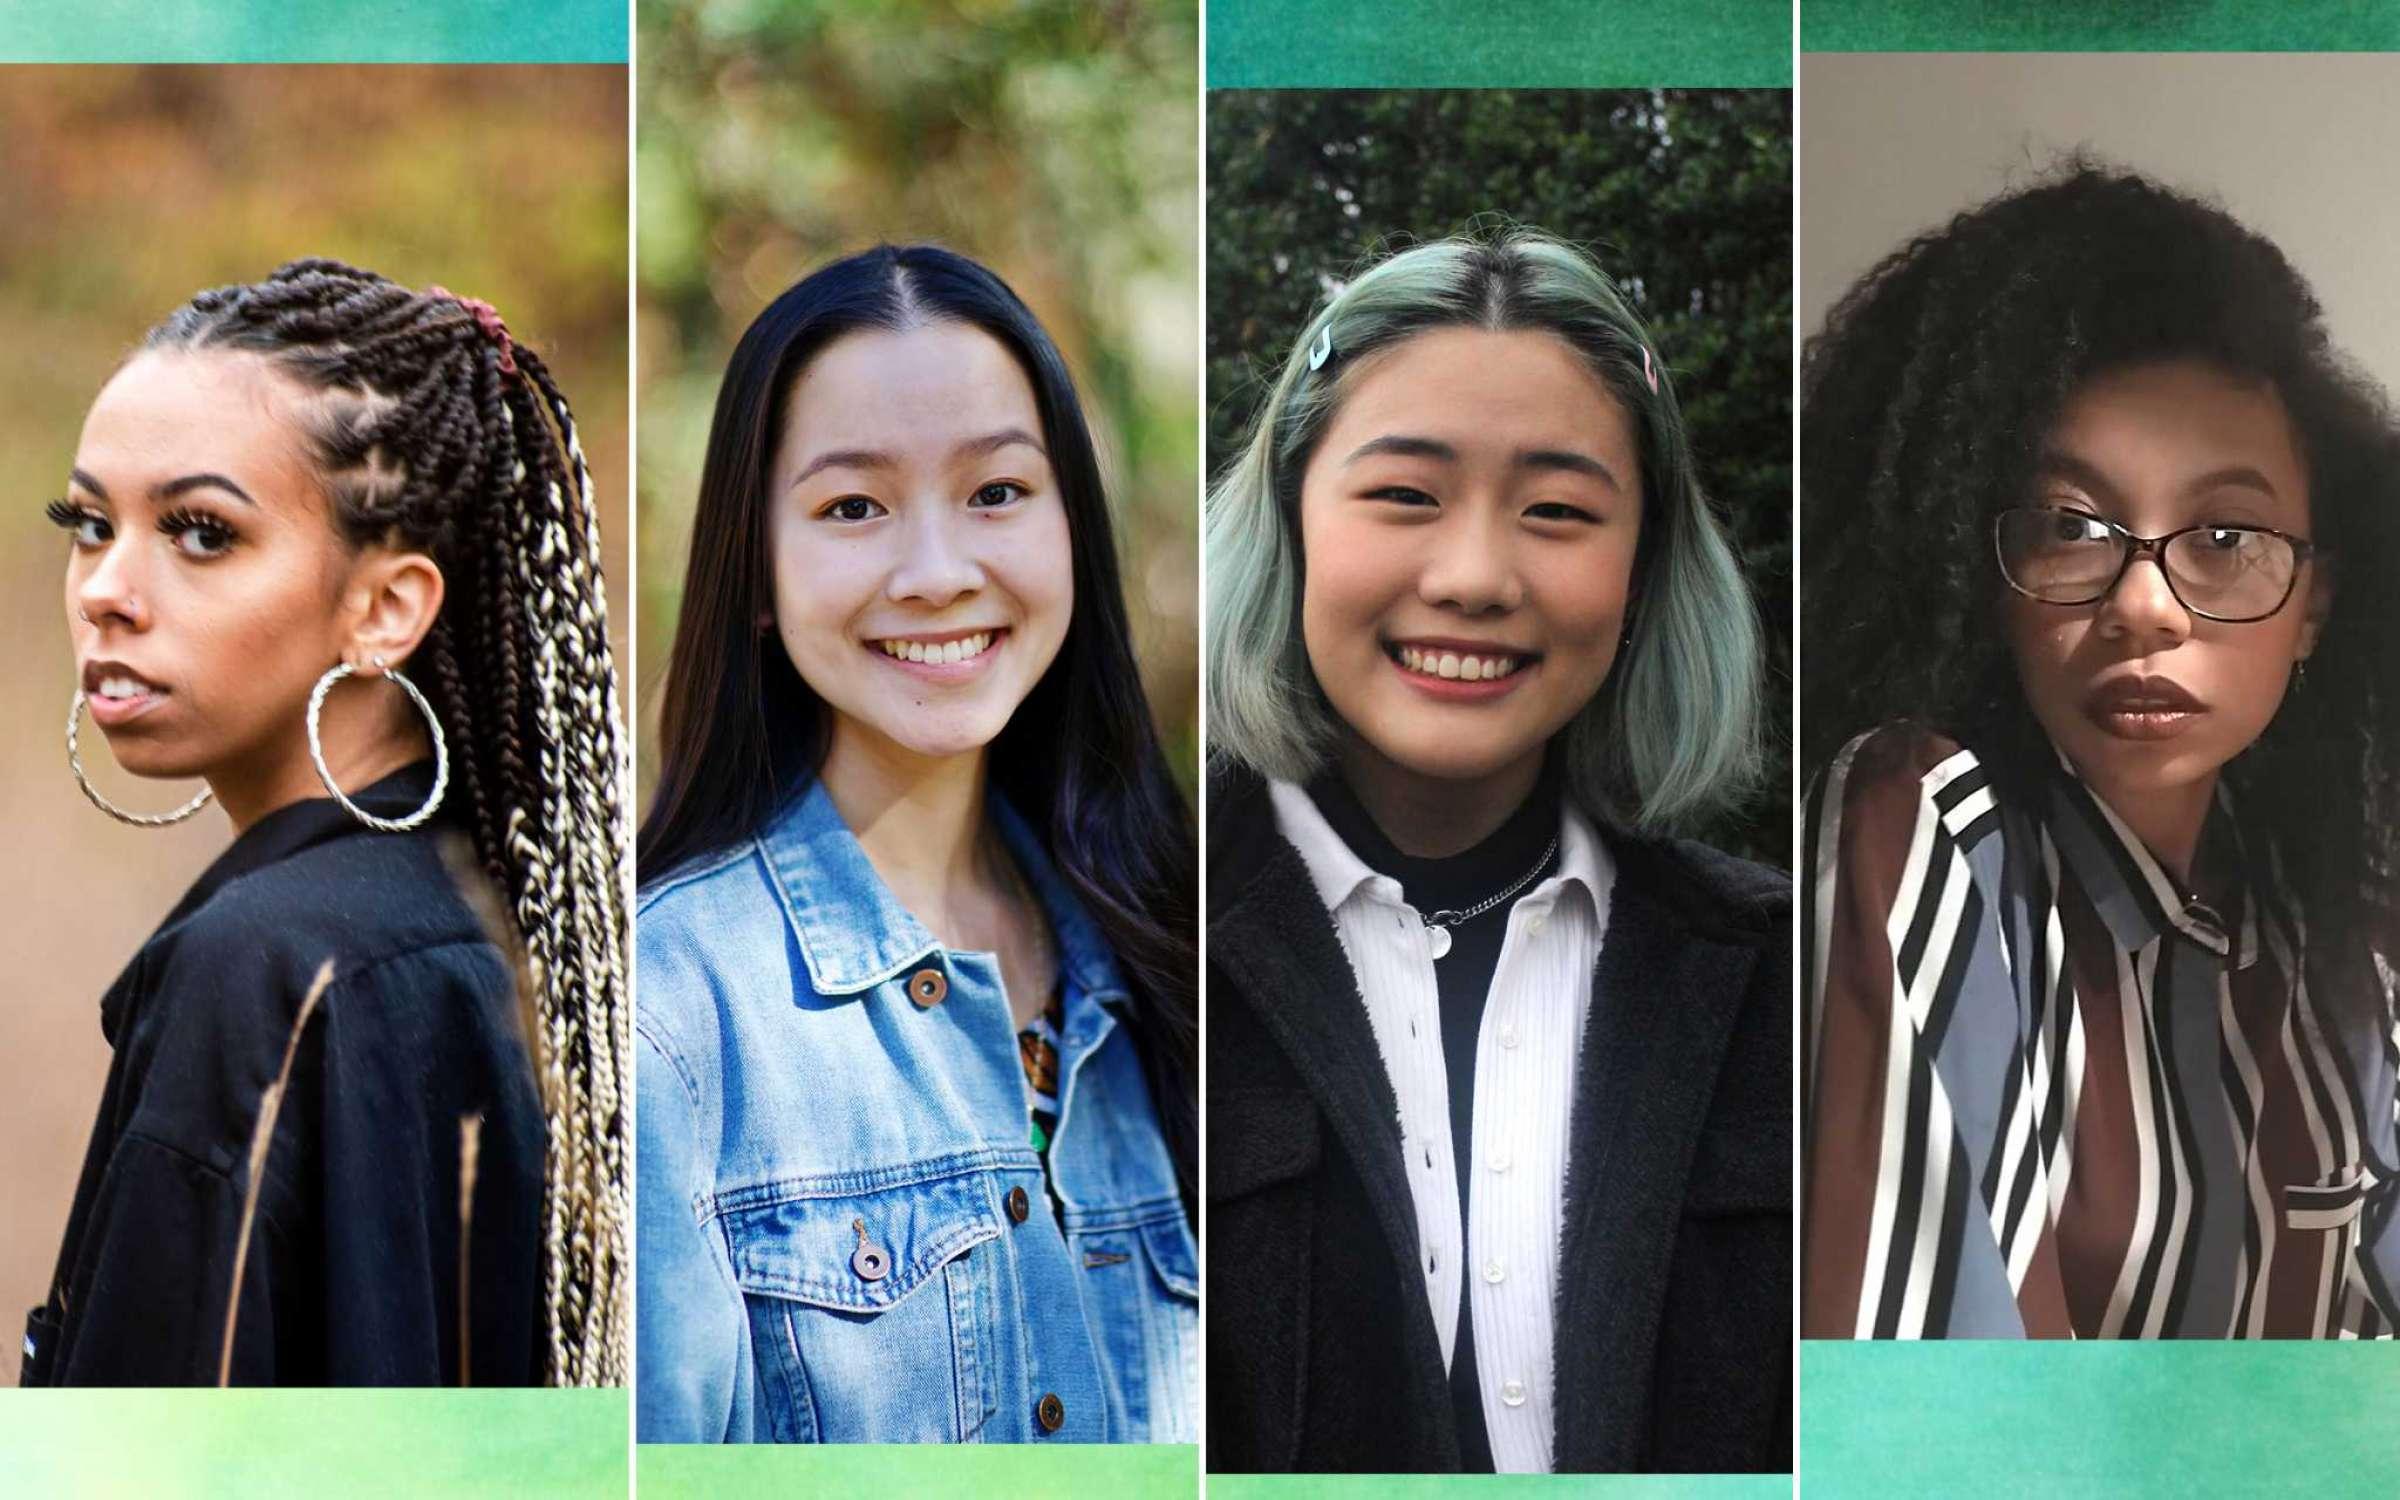 Thí sinh vòng chung kết nhà thơ trẻ quốc gia tìm thấy niềm tin và tình bạn qua ngôn từ